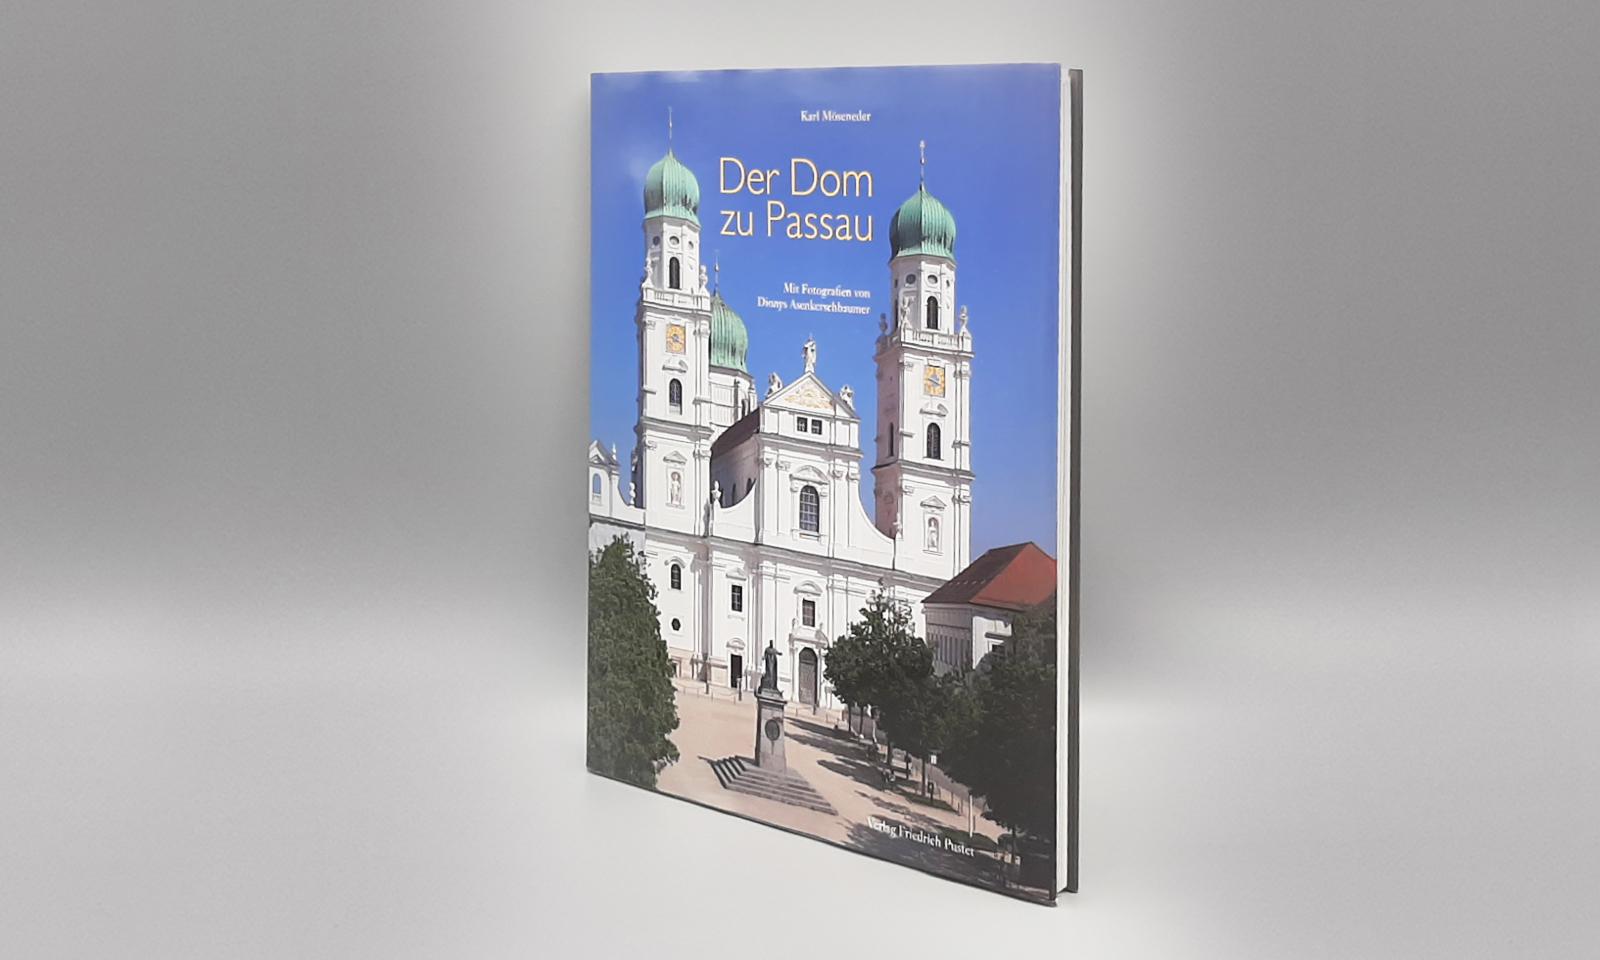 Der Dom zu Passau1